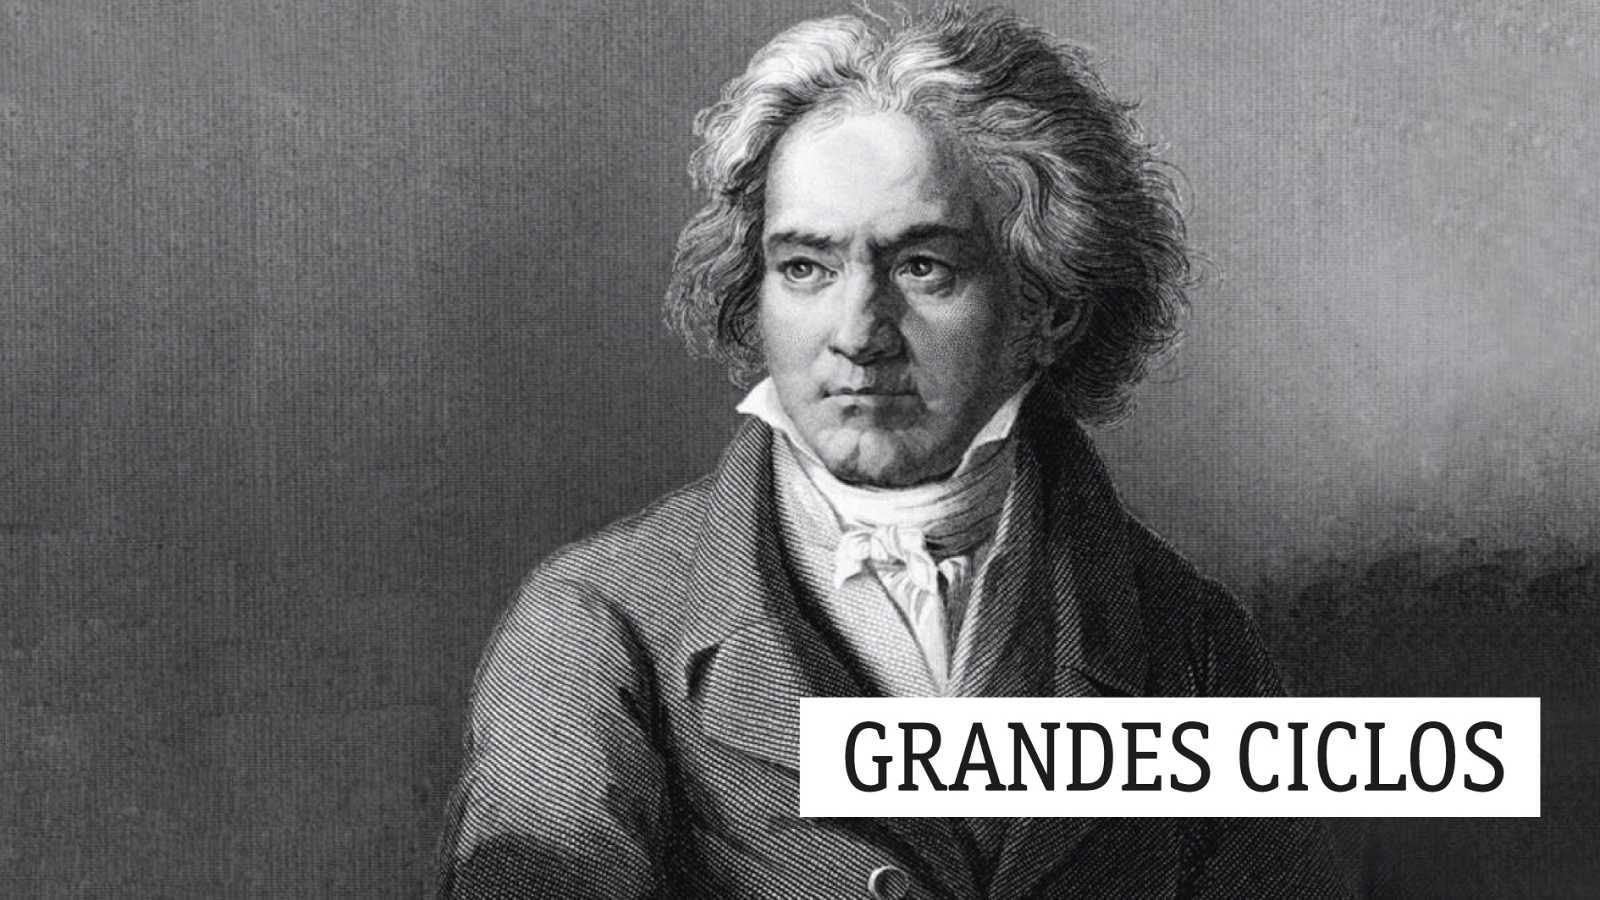 Grandes ciclos - L. van Beethoven (CXXXIV): El entusiasmo de Krumpholz y Czerny - 21/12/20 - escuchar ahora